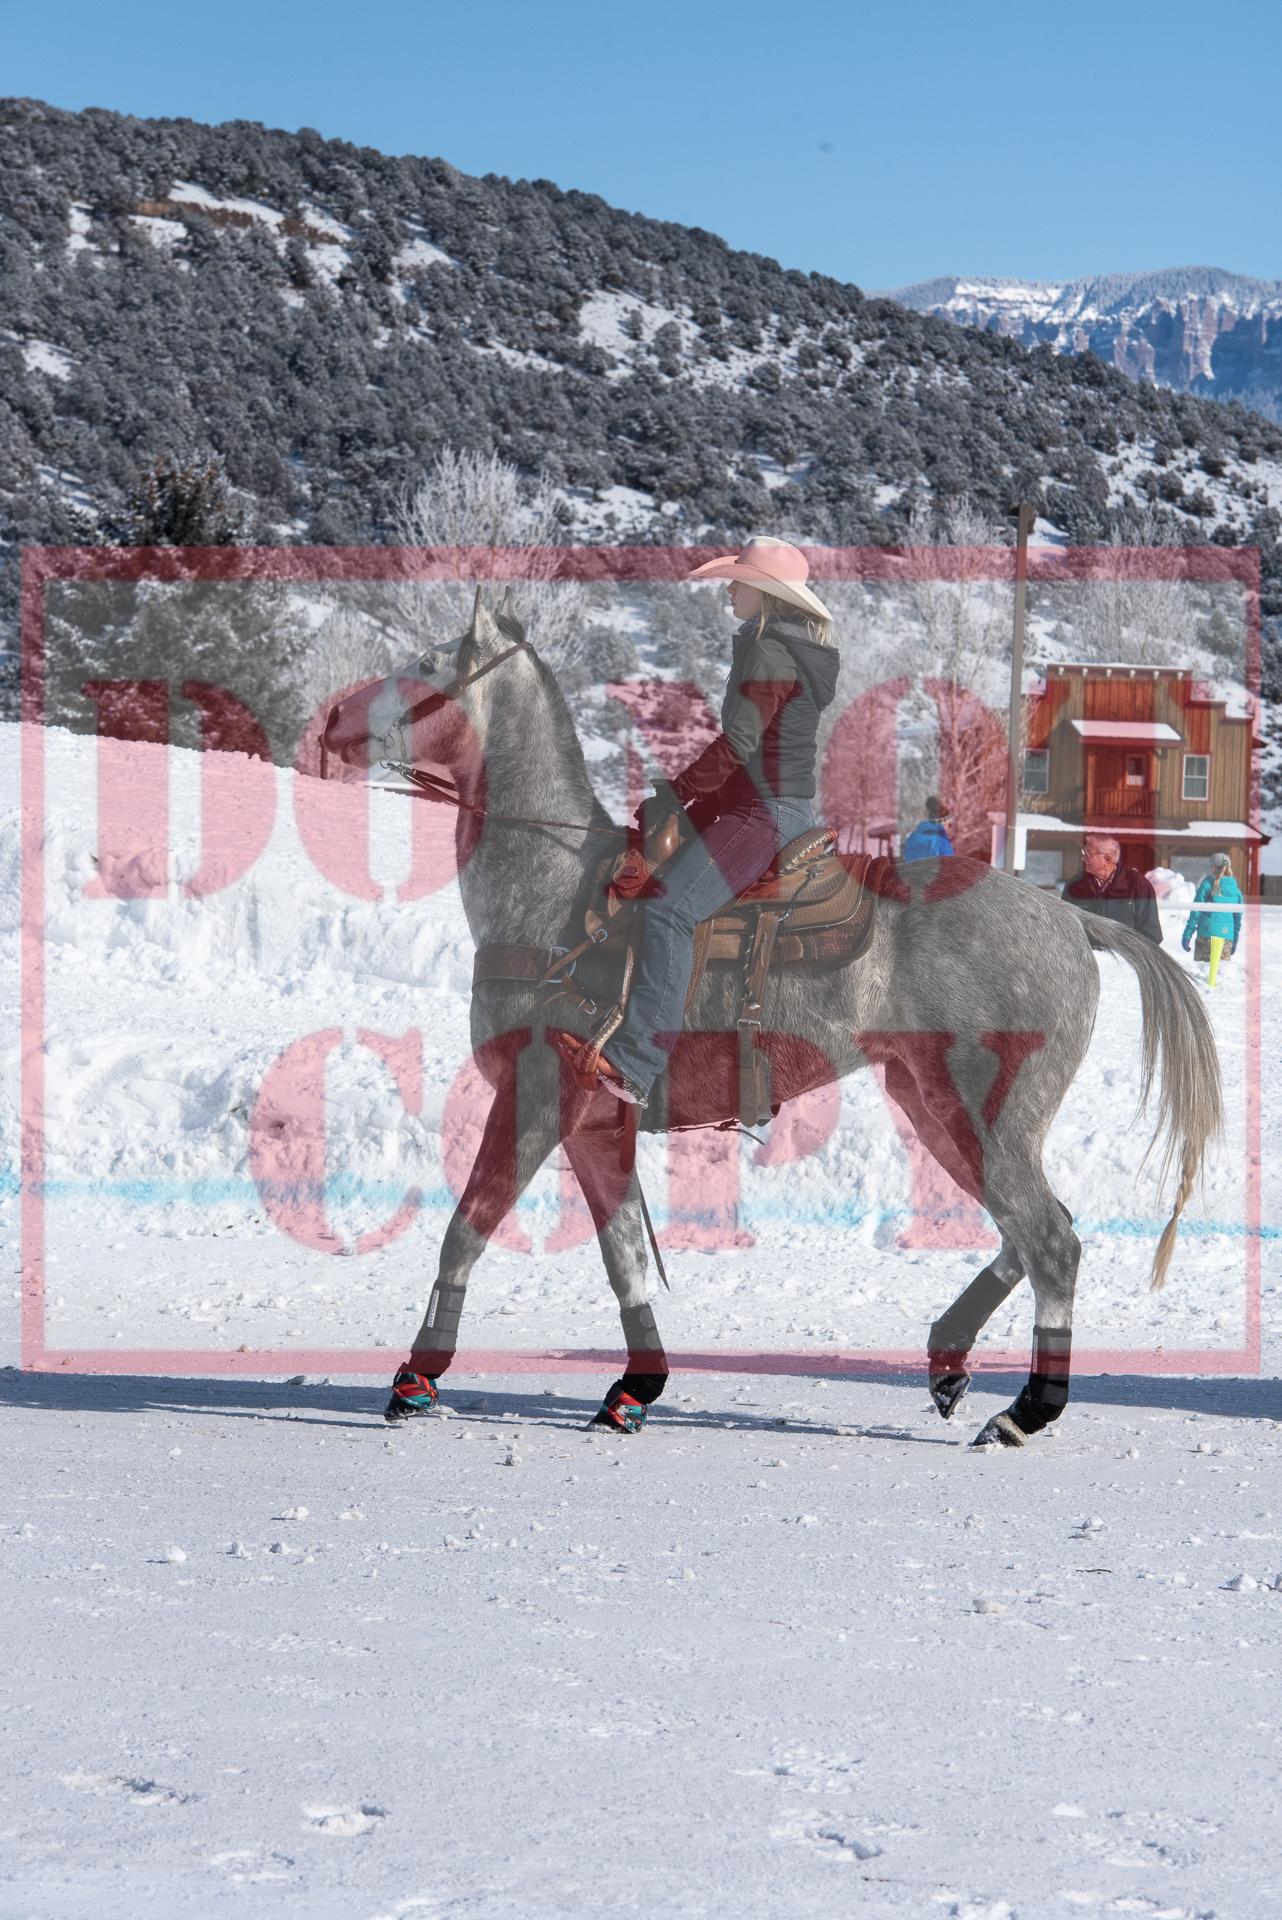 - Claudia Schmidt - Snowboard 12